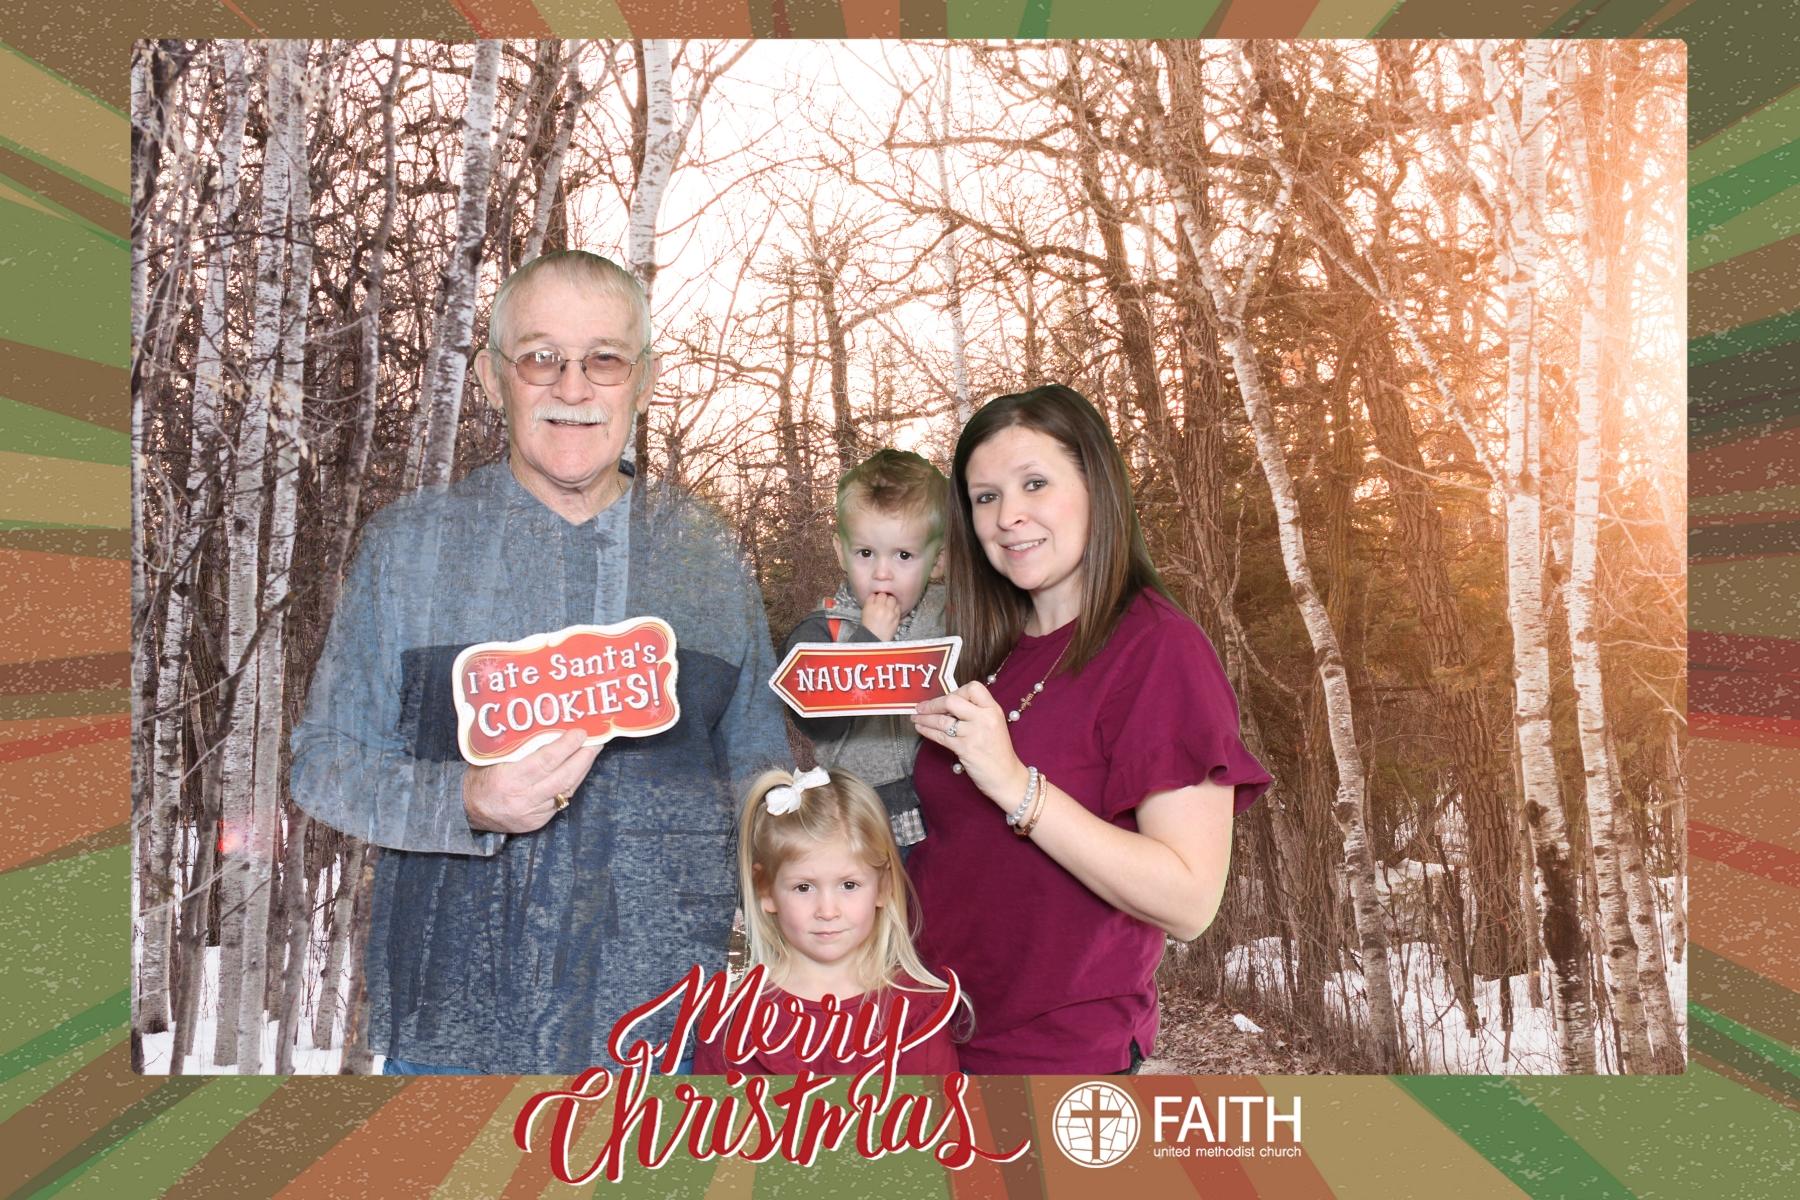 Faith2018_2018-12-24_15-31-56.jpg